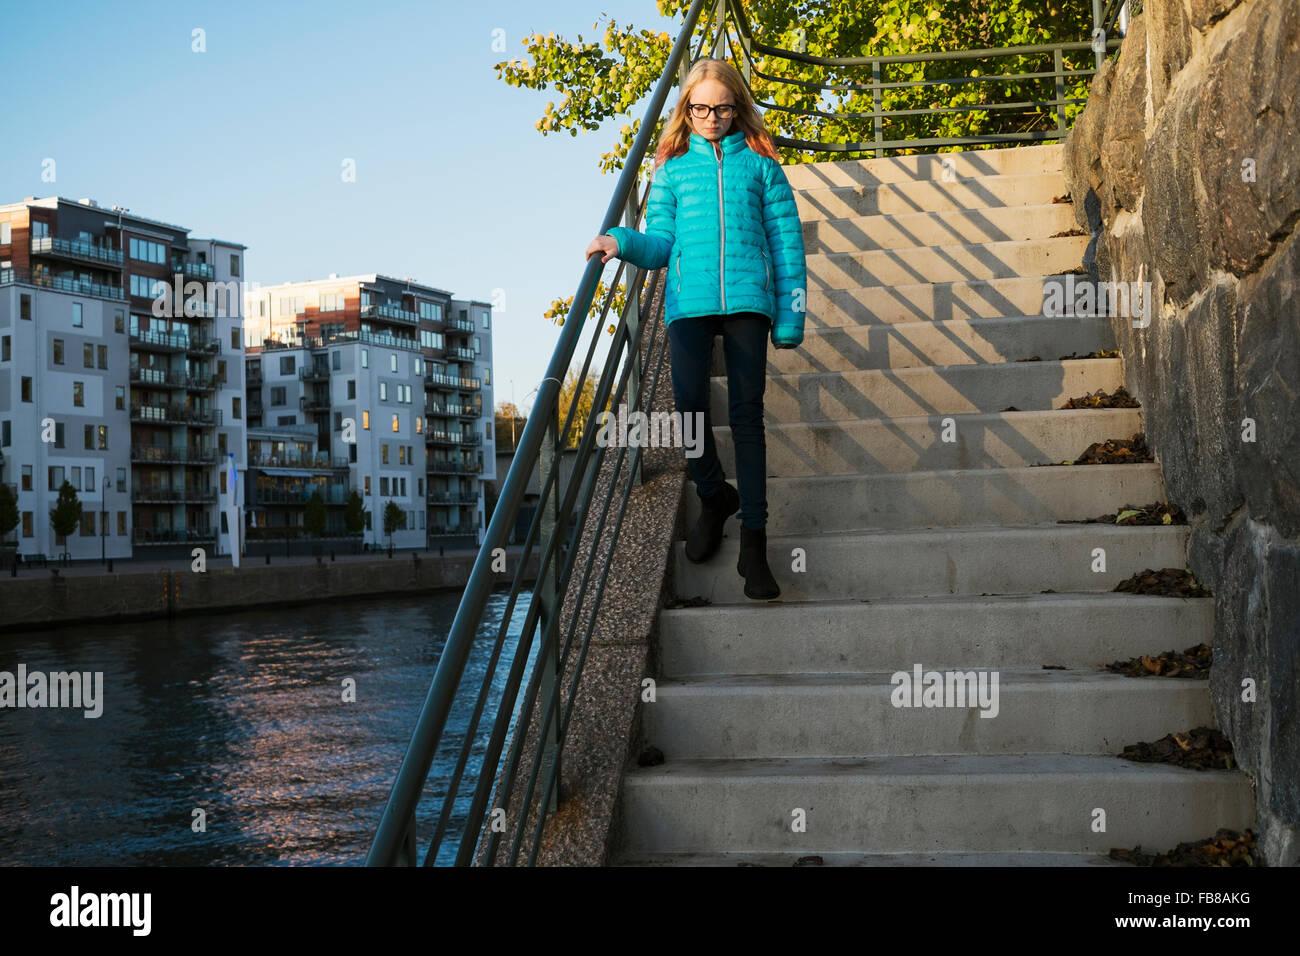 La Suède, Sodermanland, Hammarby Sjostad, Girl (12-13) walking down steps Photo Stock